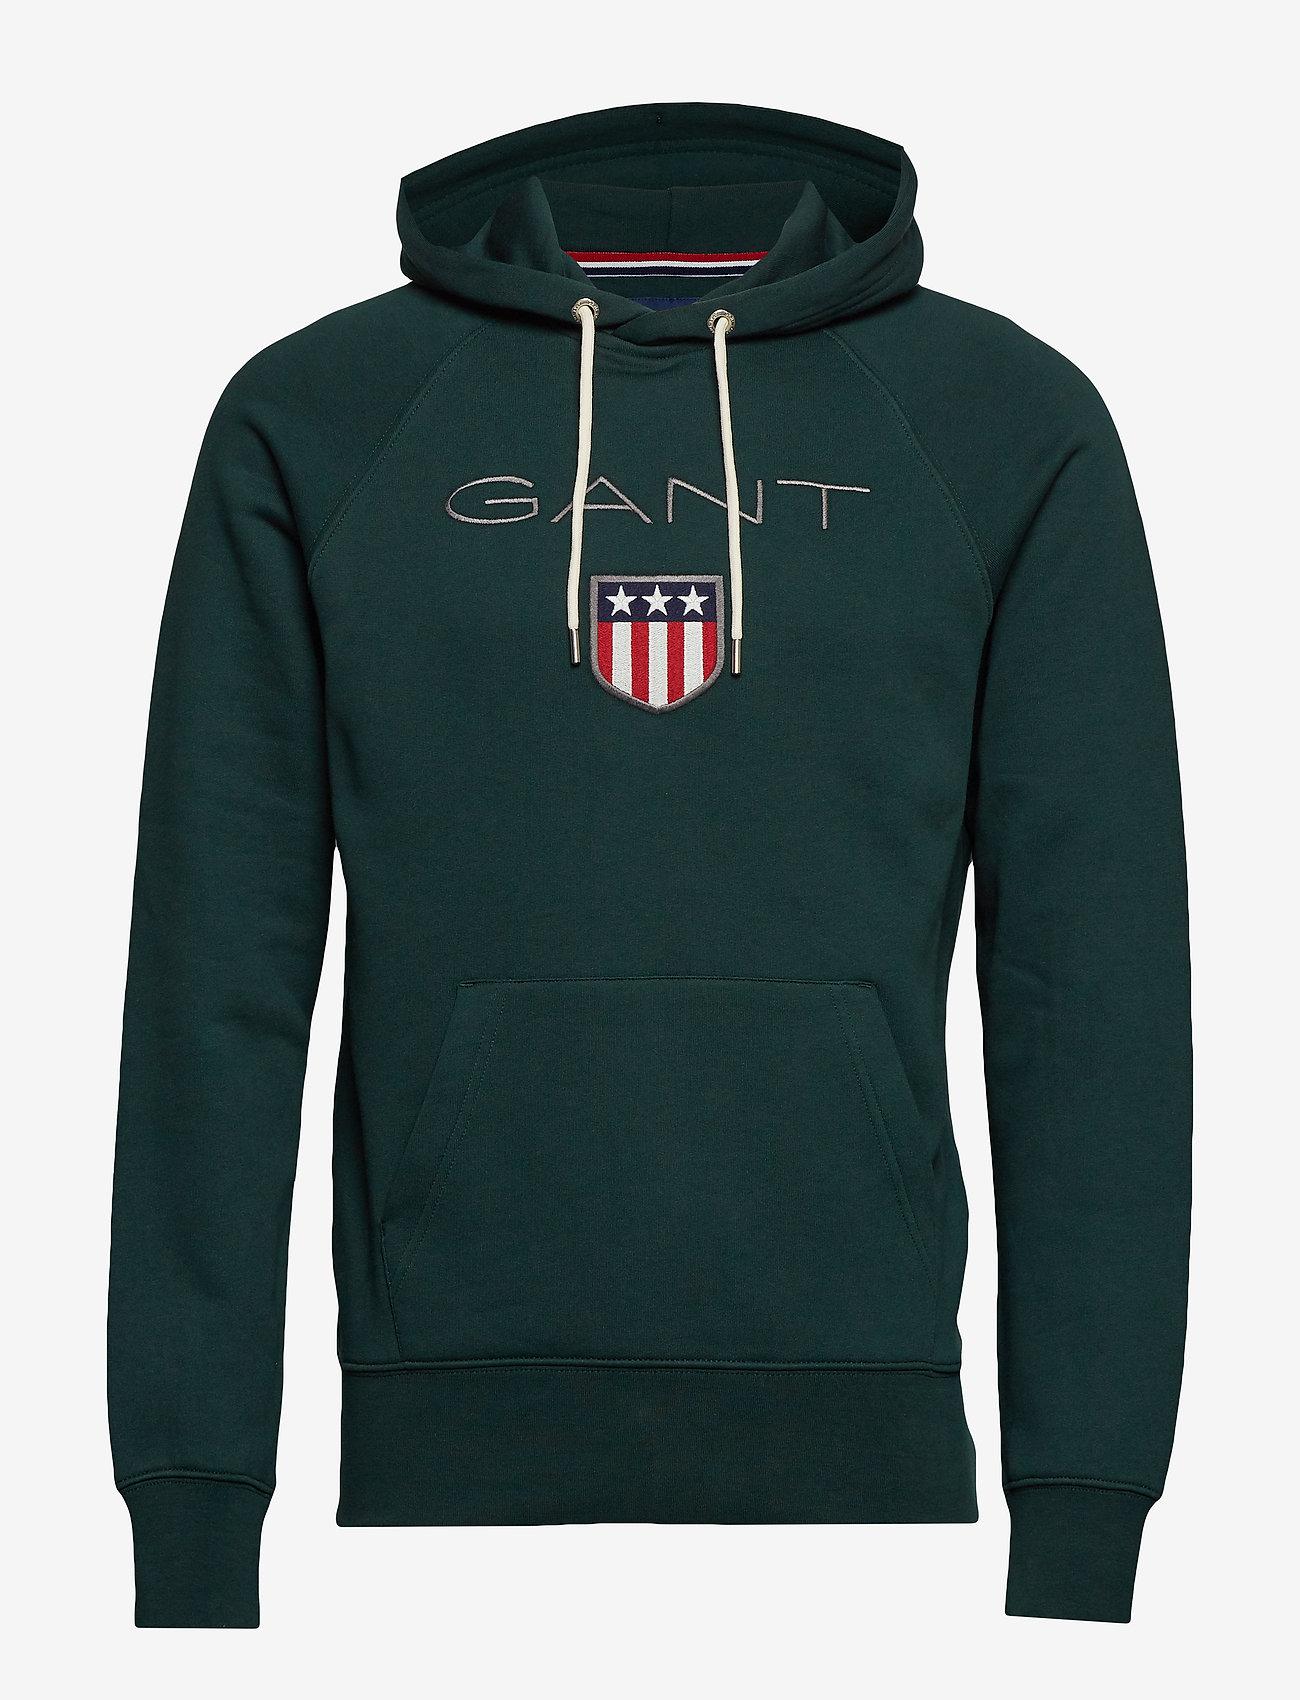 GANT - SHIELD HOODIE - hoodies - tartan green - 0